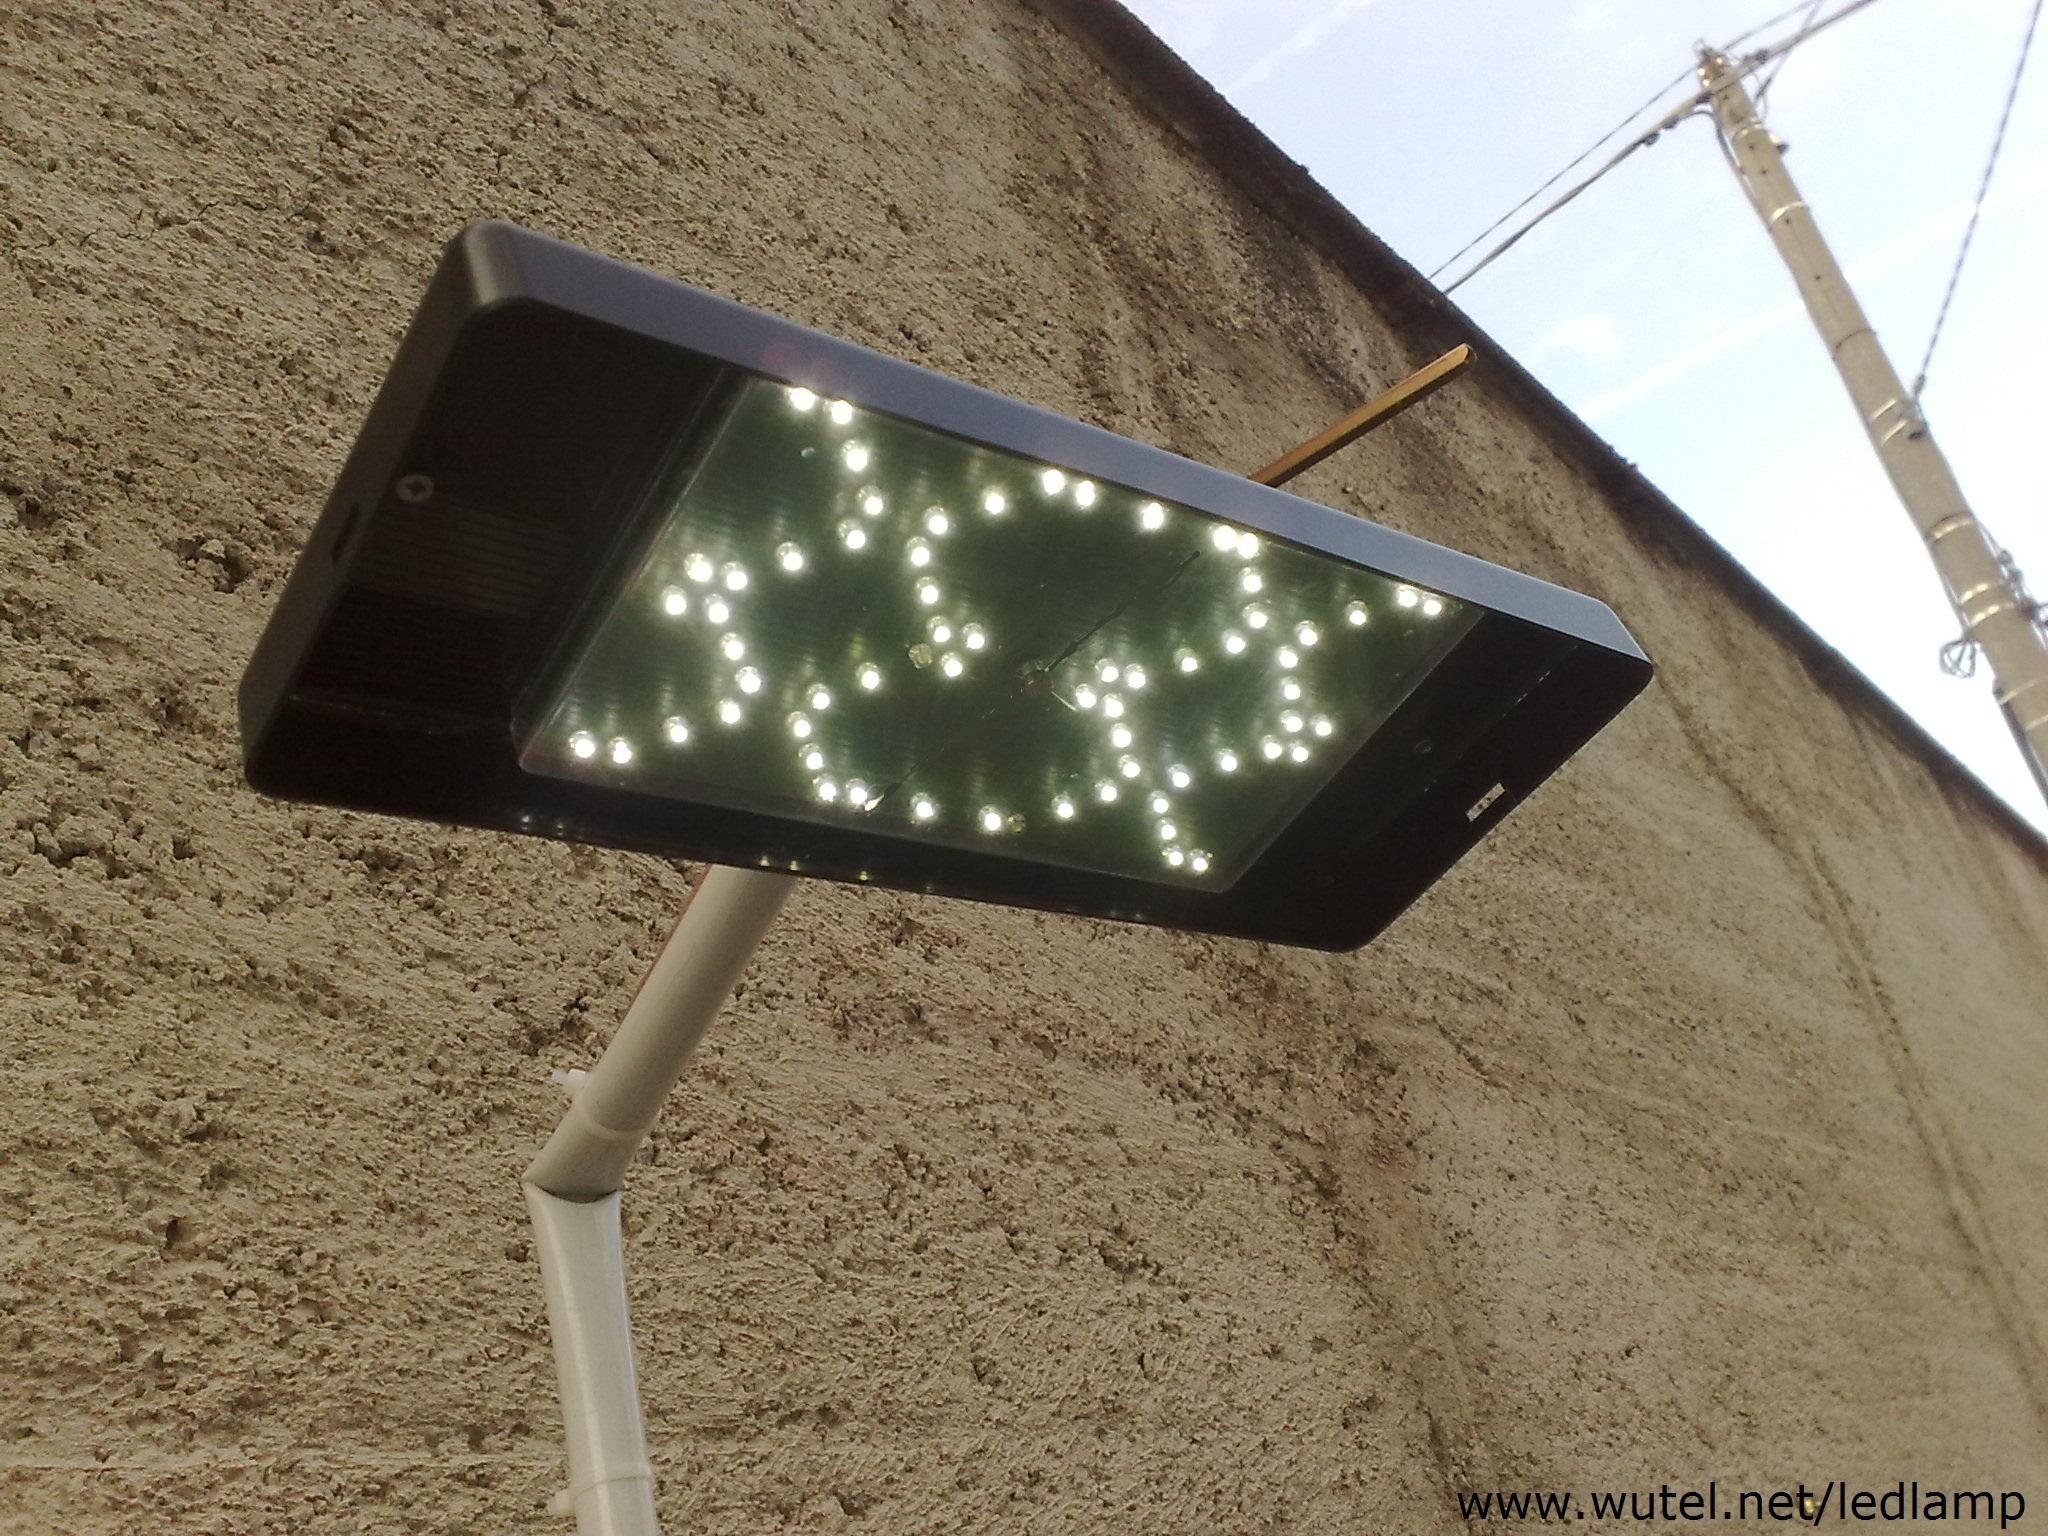 Illuminazione Per Gazebo: Acquista all'ingrosso online gazebo luci ...